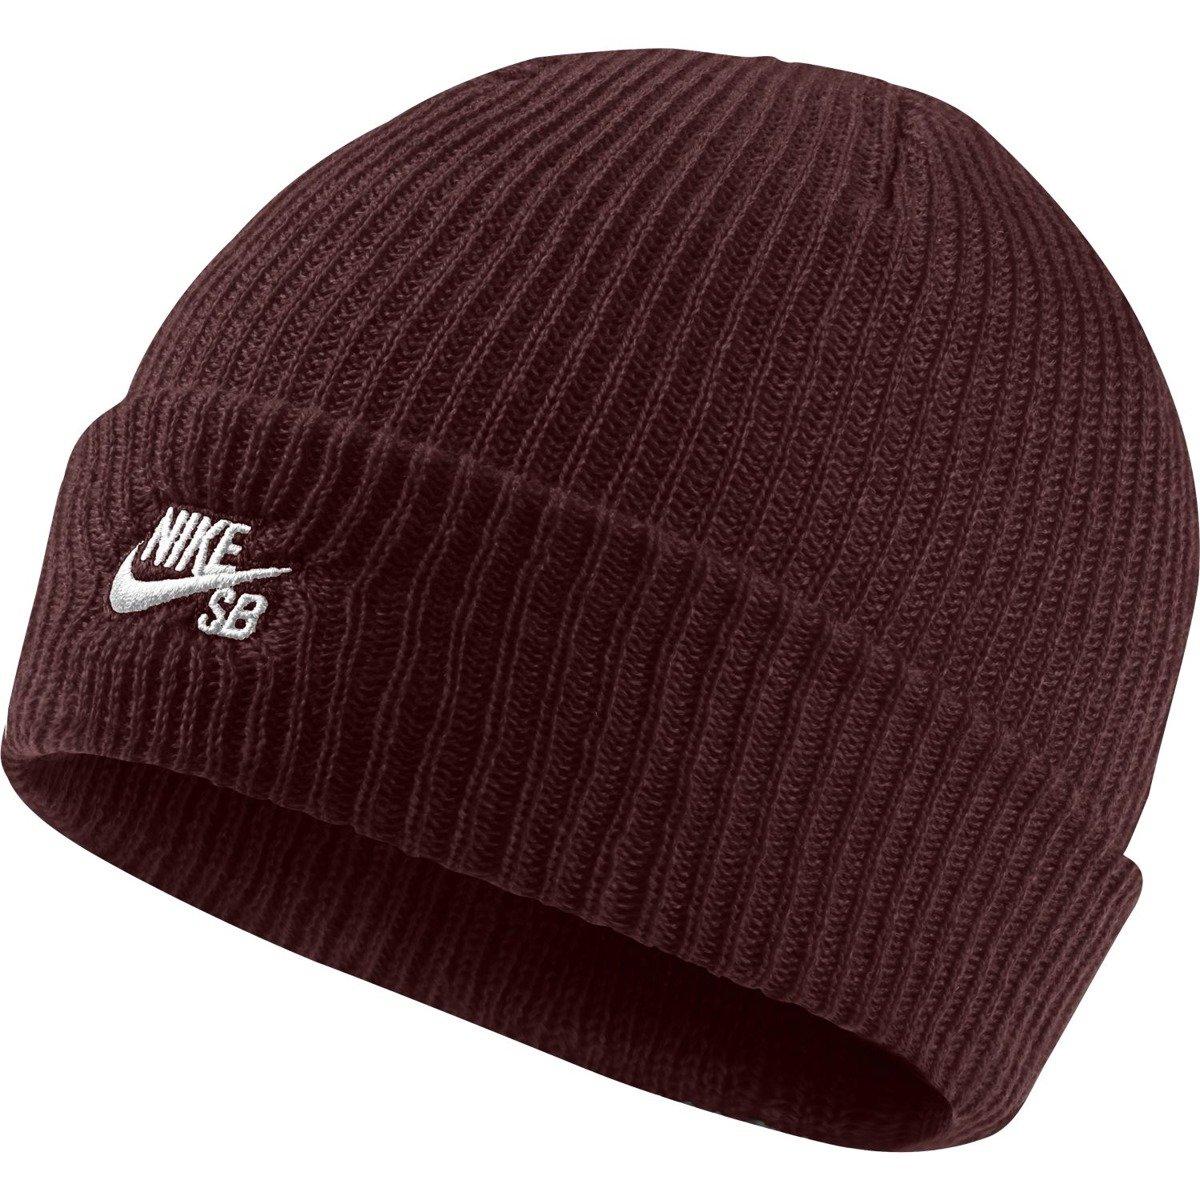 46c2935a Czapka Nike SB Fisherman obsidian/white burgundy | Clothes \ Cap \ Beanie  Brands \ Nike SB Produkt Na Prezent Odzież \ Nike SB \ Nike Fall 2017 |  Skateshop ...